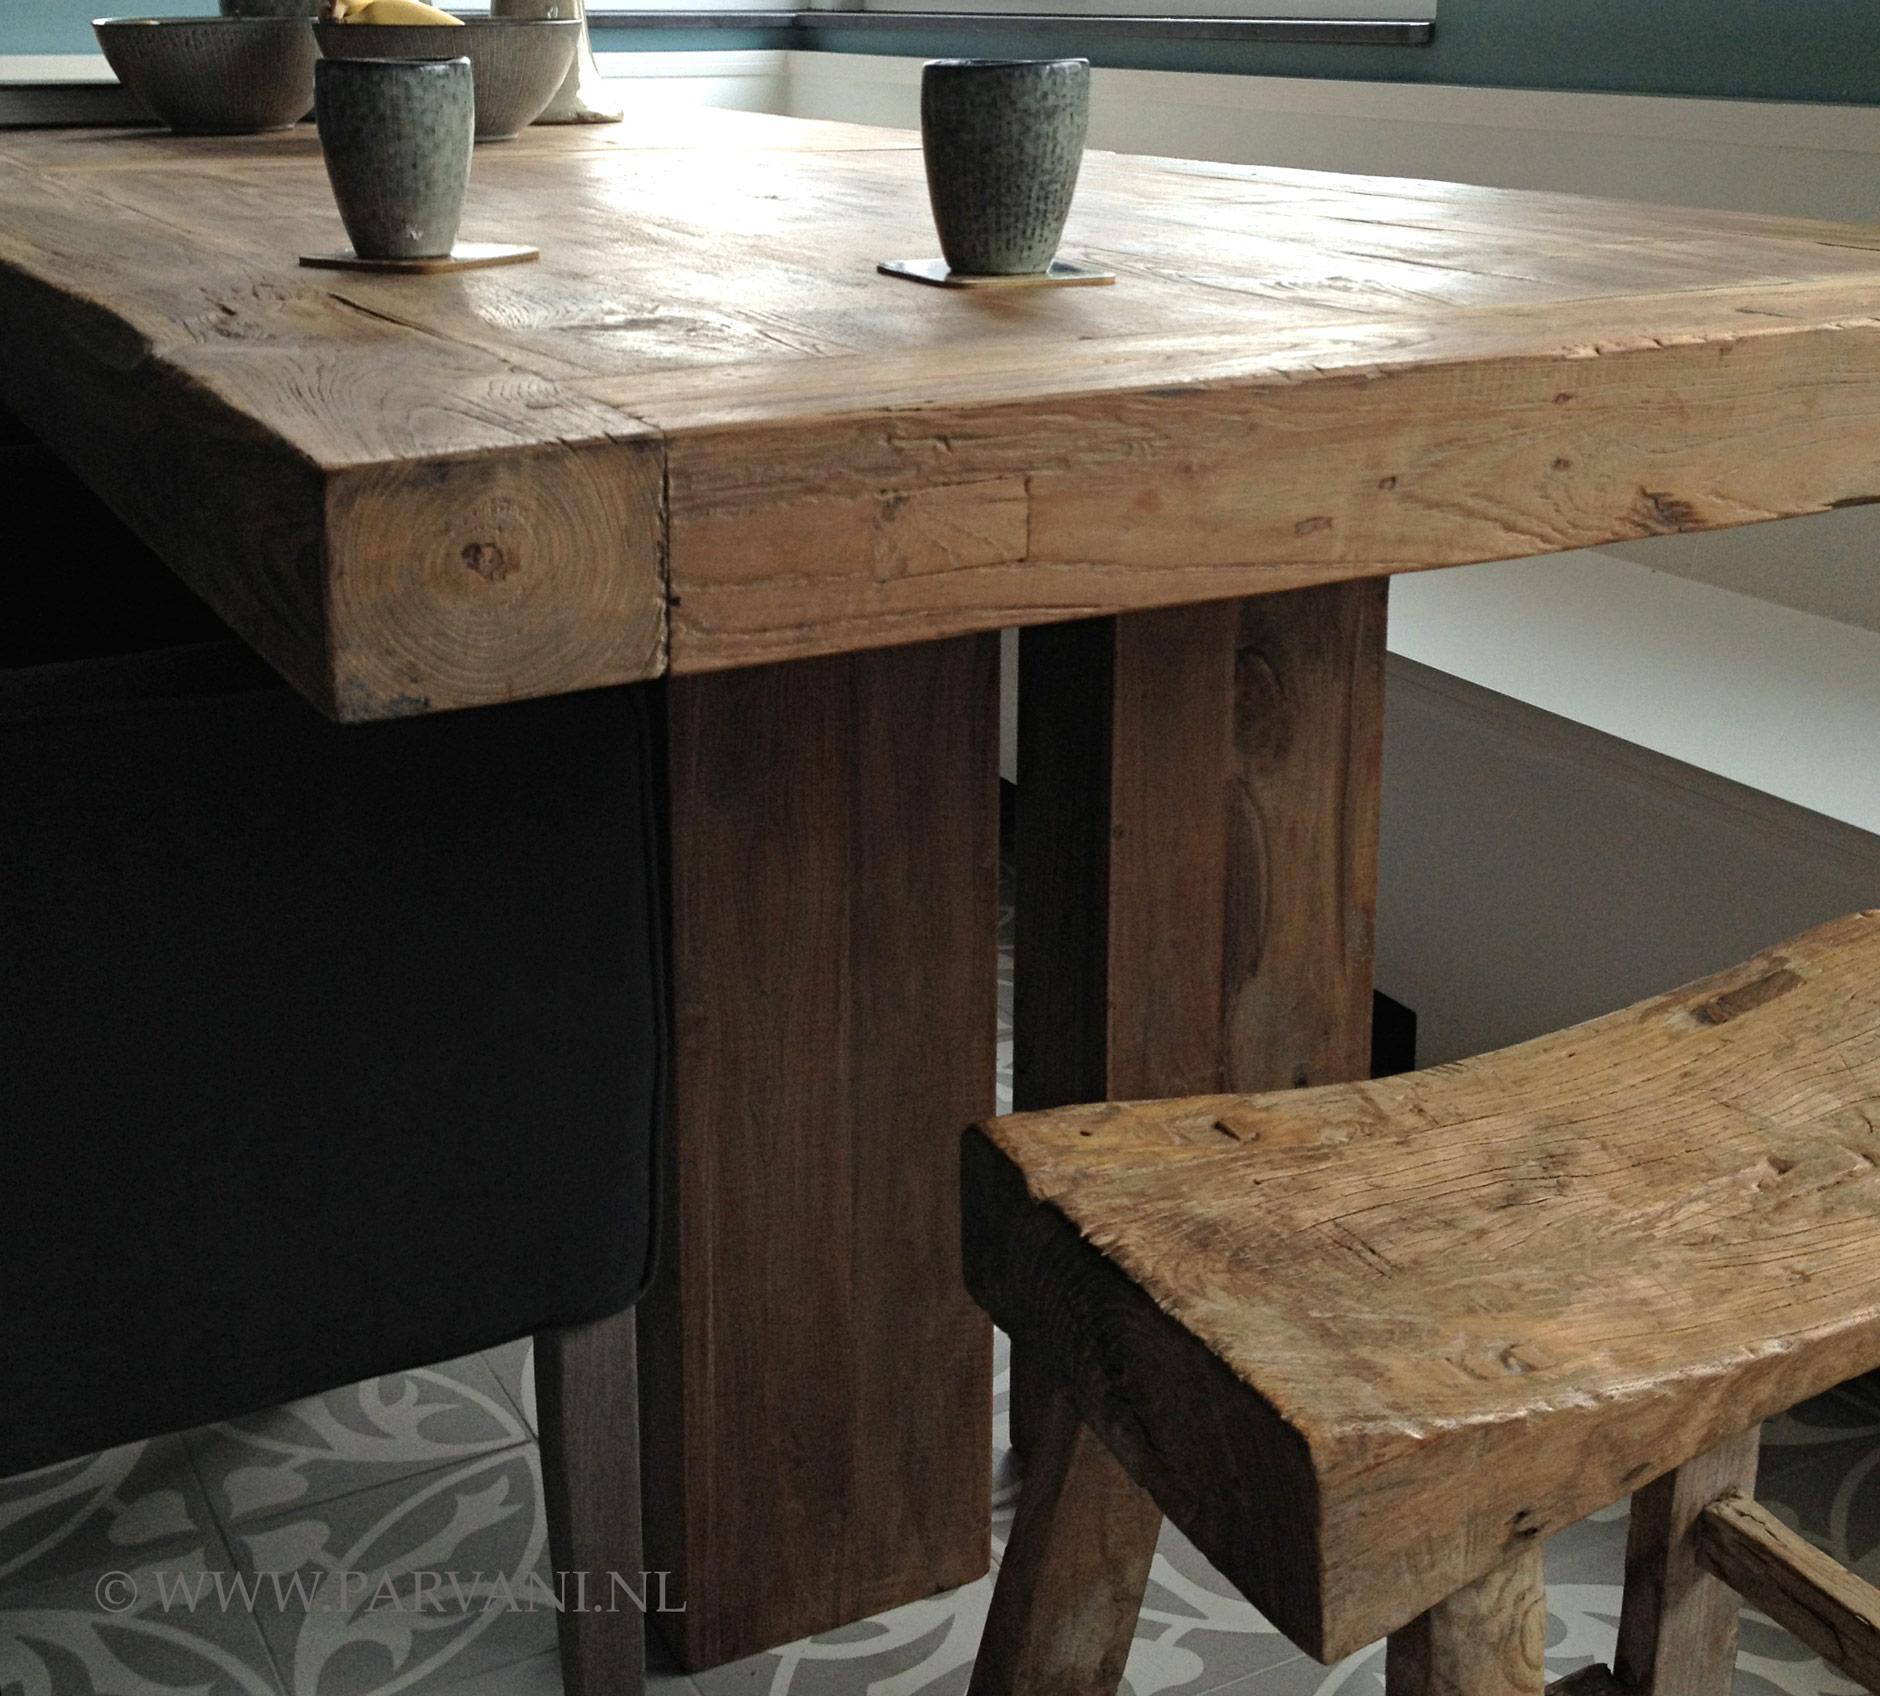 Eettafel robuust hout loungeset 2017 - Eettafel en houten eetkamer ...